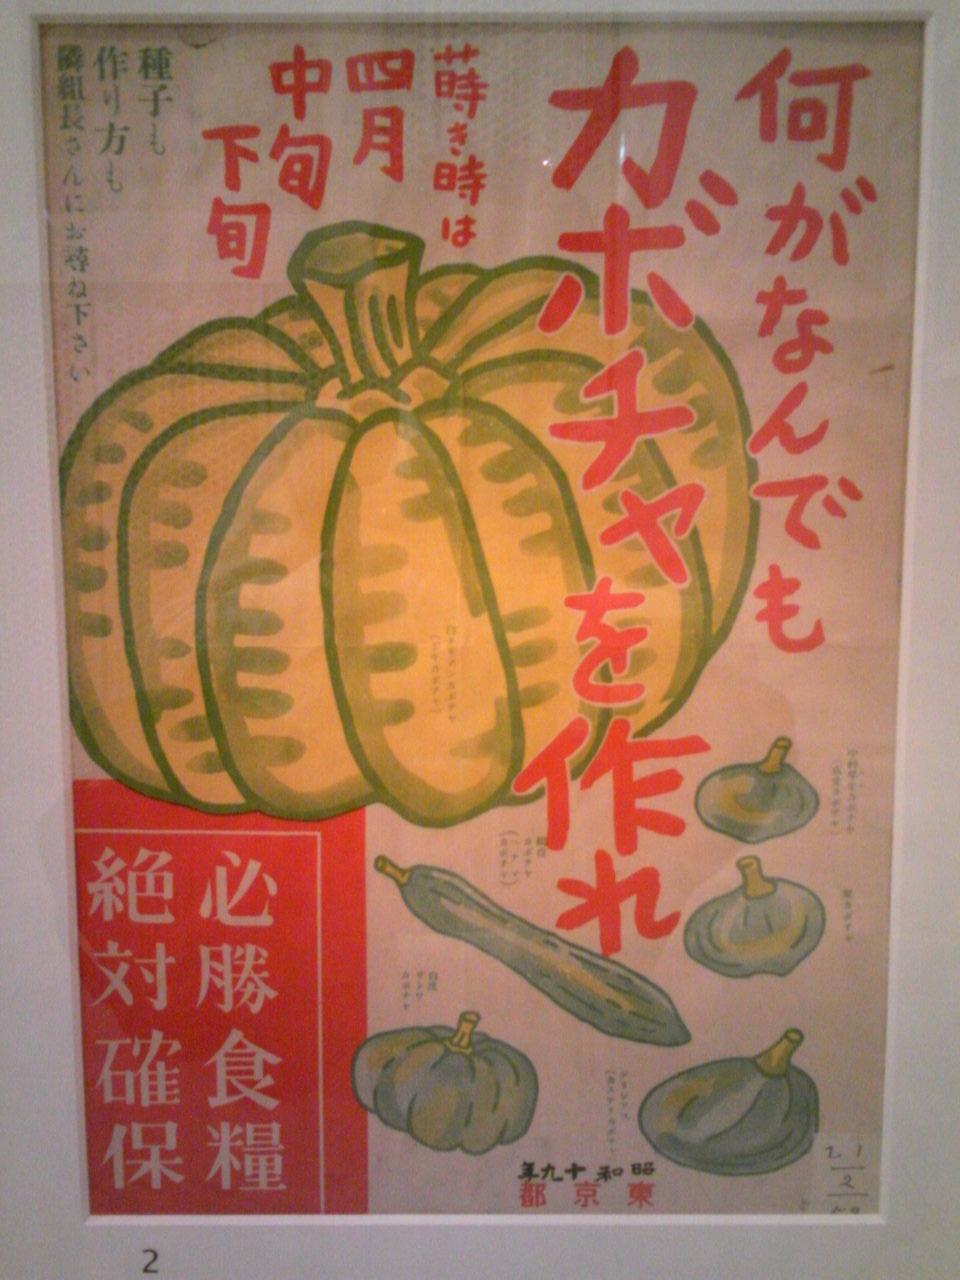 【東京で家賃1万3000円】足立区に「かぼちゃの馬車」120棟集中の驚愕 管理会社も敬遠する「かぼちゃ畑」化の未来★2 YouTube動画>2本 ->画像>52枚